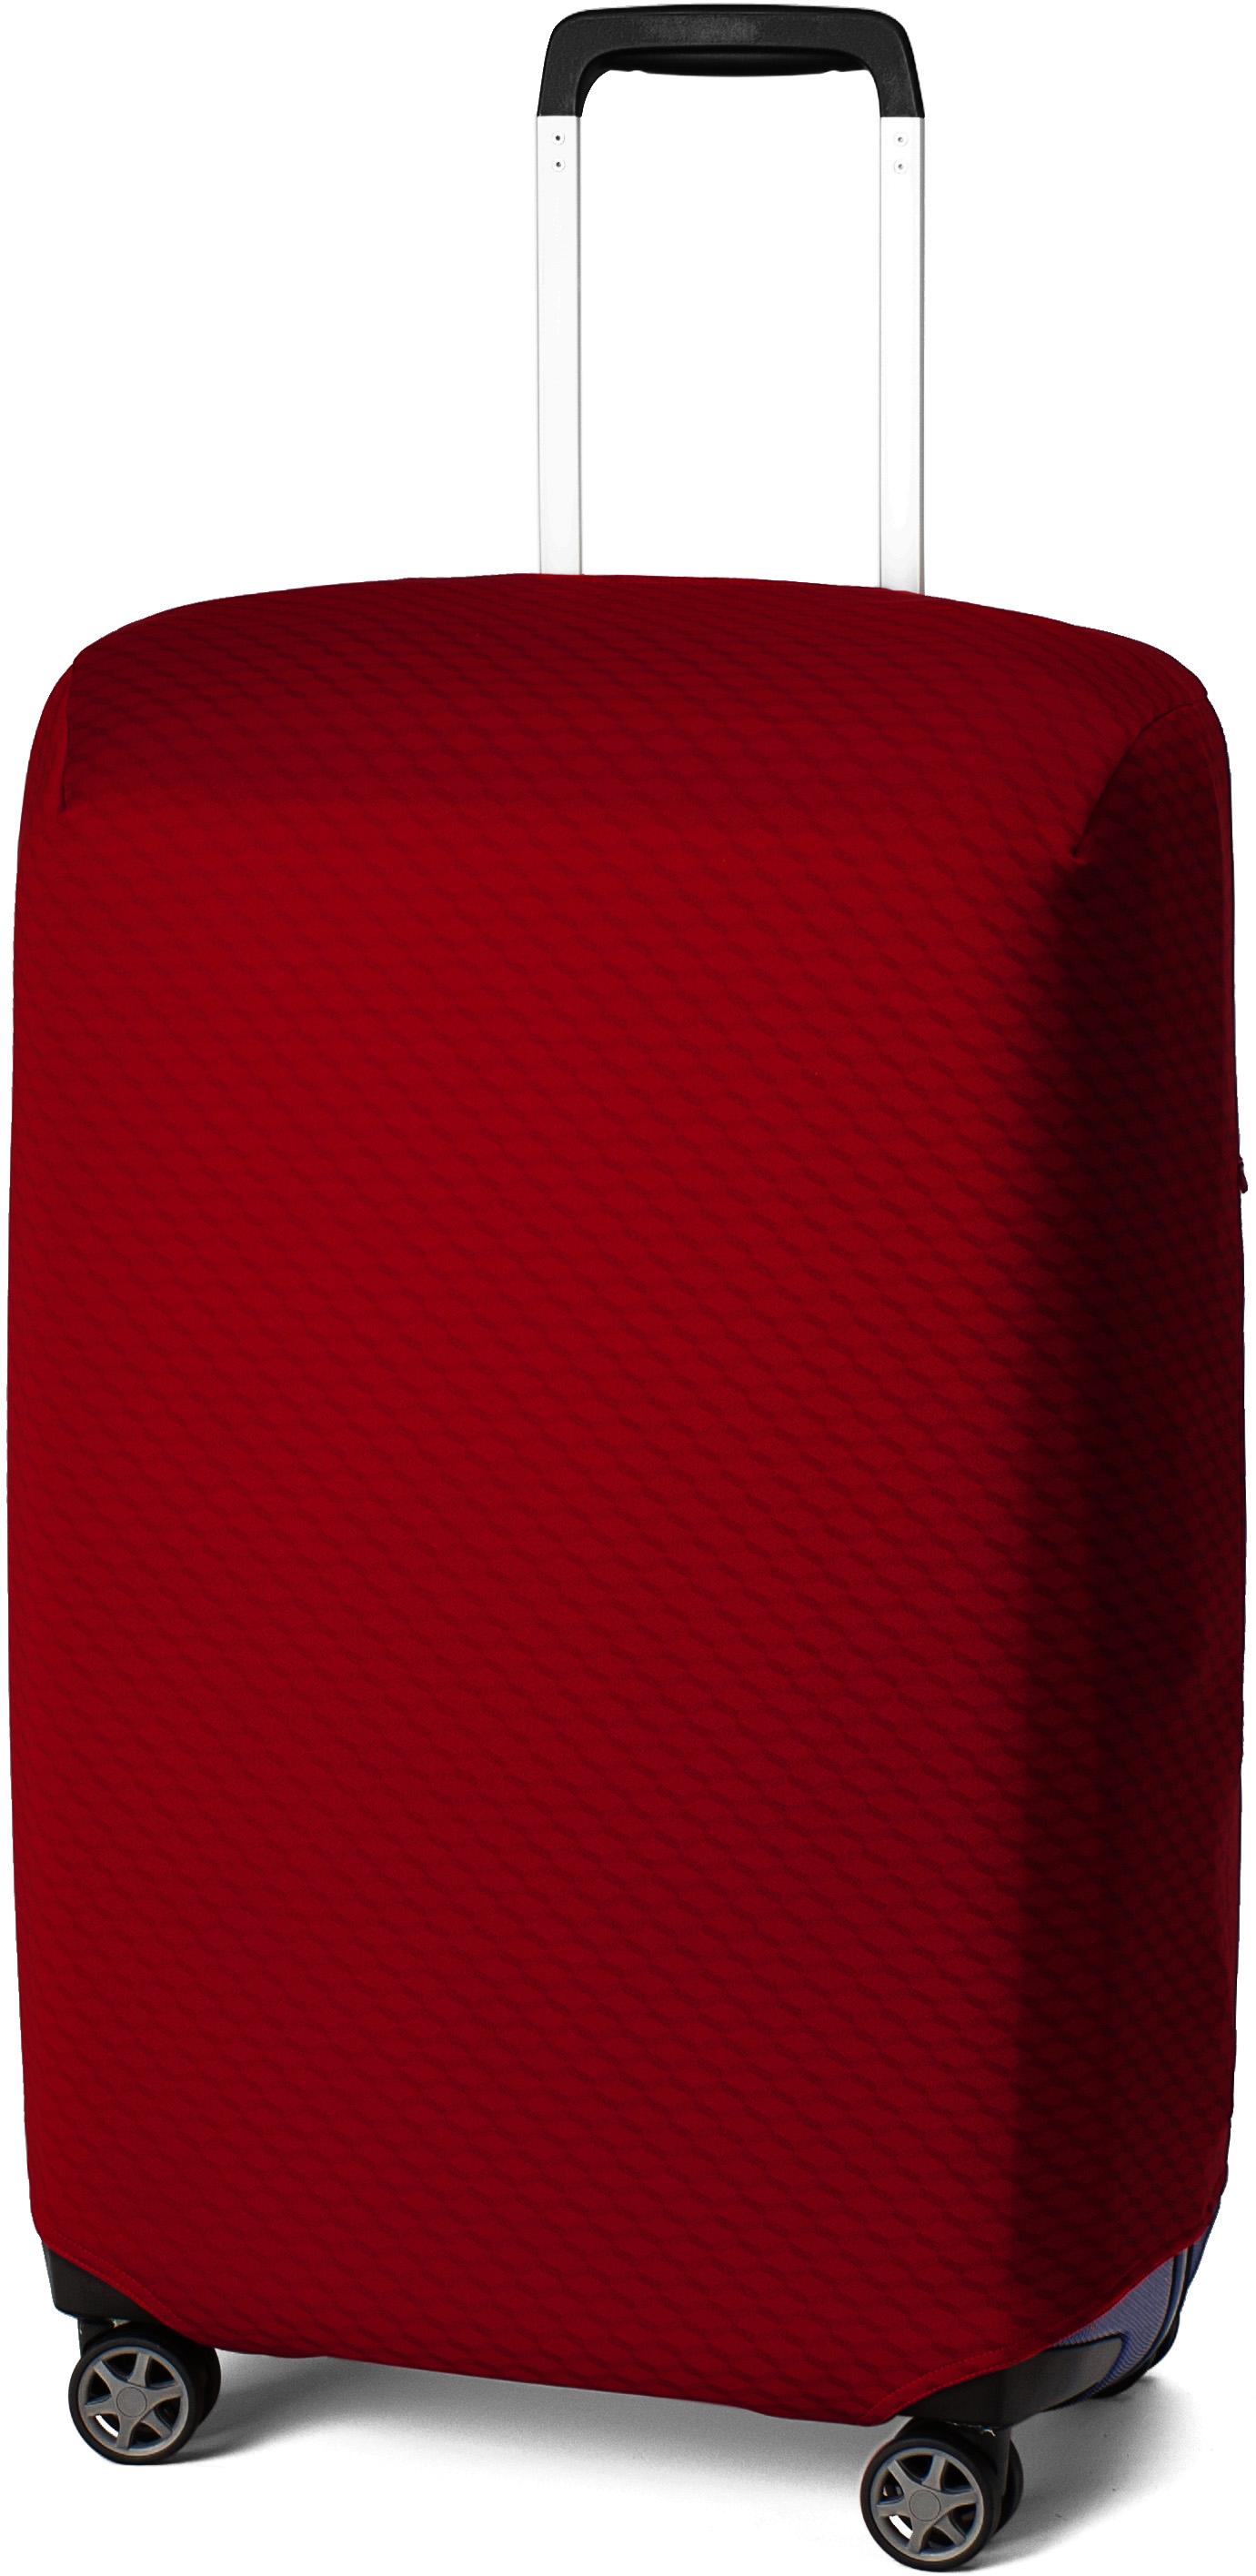 Чехол для чемодана Ratel Мозаика, цвет: бордовый. Размер S (высота чемодана: 45-50 см)BP004SПрактичный и стильный чехол Ratel Мозаика из неопрена разработан специально для максимальной защиты вашего чемодана. Этот чехол защищает багаж от большинства повреждений, от вскрытия, а так же экономит деньги и время на обмотке в аэропорту. Вы никогда не перепутаете свой чемодан с чужим, как на багажной ленте, так и в туристическом автобусе. Неопрен является ударопоглощающим, очень прочным и водонепроницаемым материалом. Именно поэтому, чехлы Ratel гарантируют максимальную степень защиты.Размер S предназначен для маленьких чемоданов высотой от 45 см до 50 см (высота чемодана без учета высоты колес). Все важные части чемодана полностью защищены, а для боковых ручек предусмотрены две потайные молнии. Внизу чехла - упрочненная молния-трактор. Чехол можно стирать в стиральной машинке.